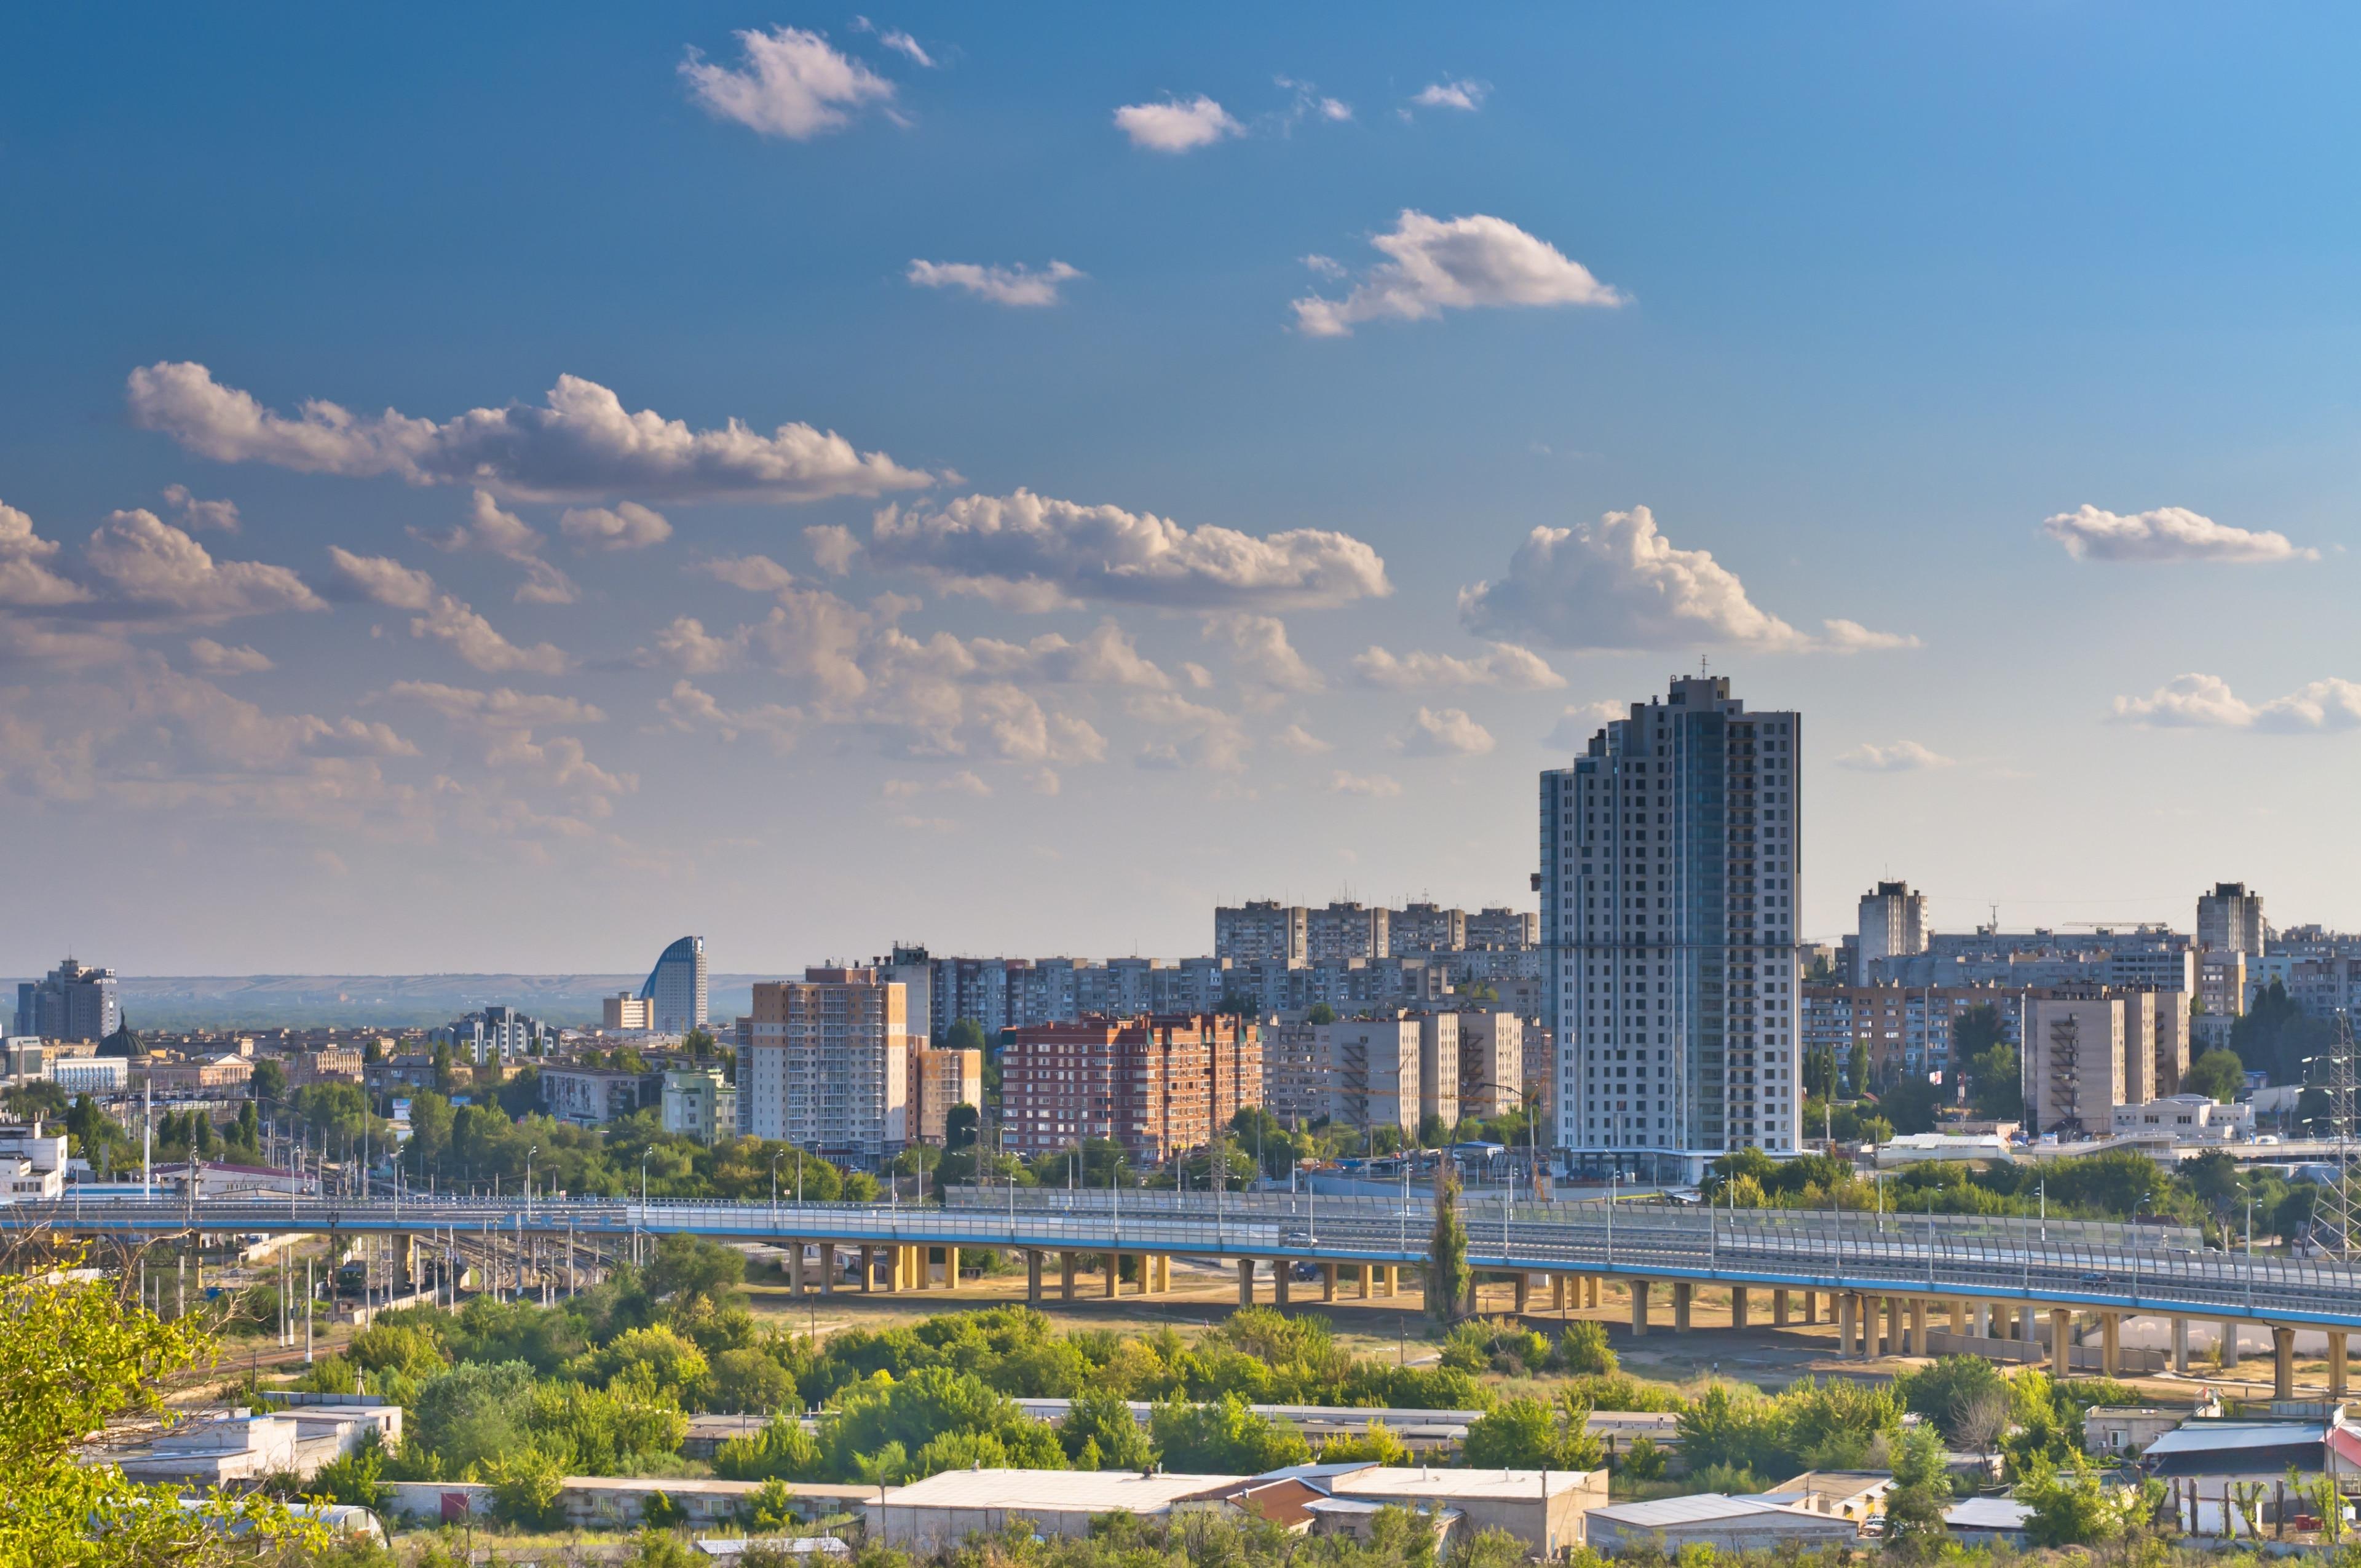 Óblast de Volgogrado, Rusia